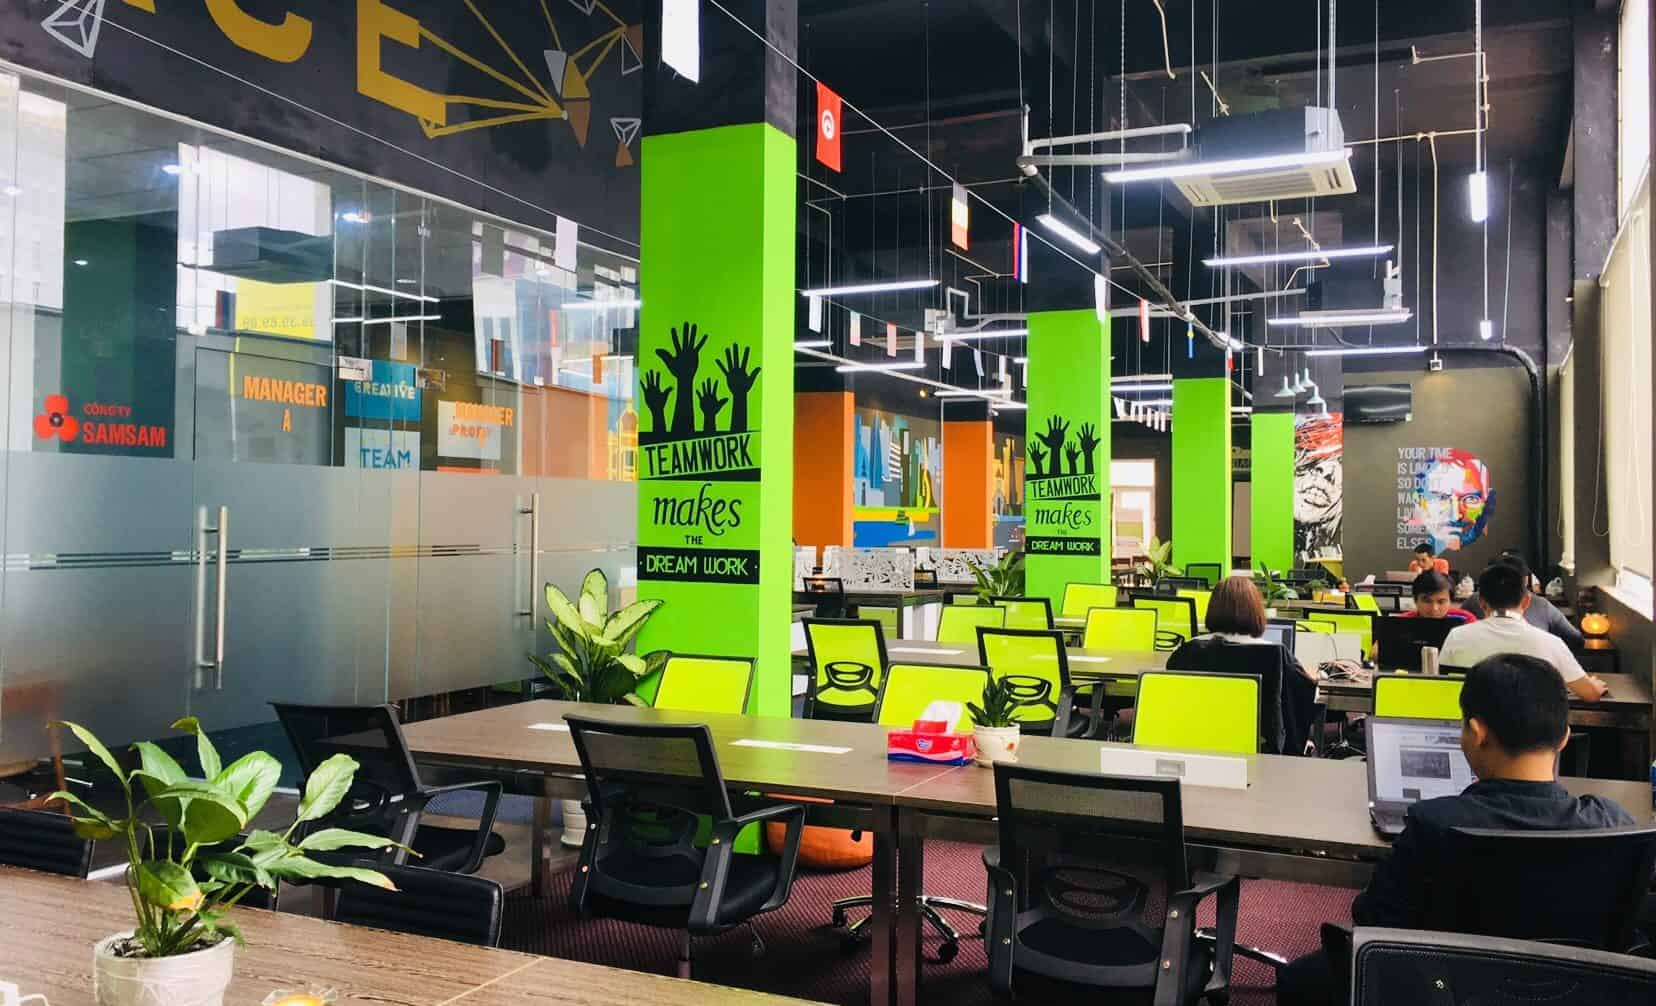 Văn phòng khang trang, đầy đủ tiện ích mang đến nhiều thành công và may mắn trong công việc